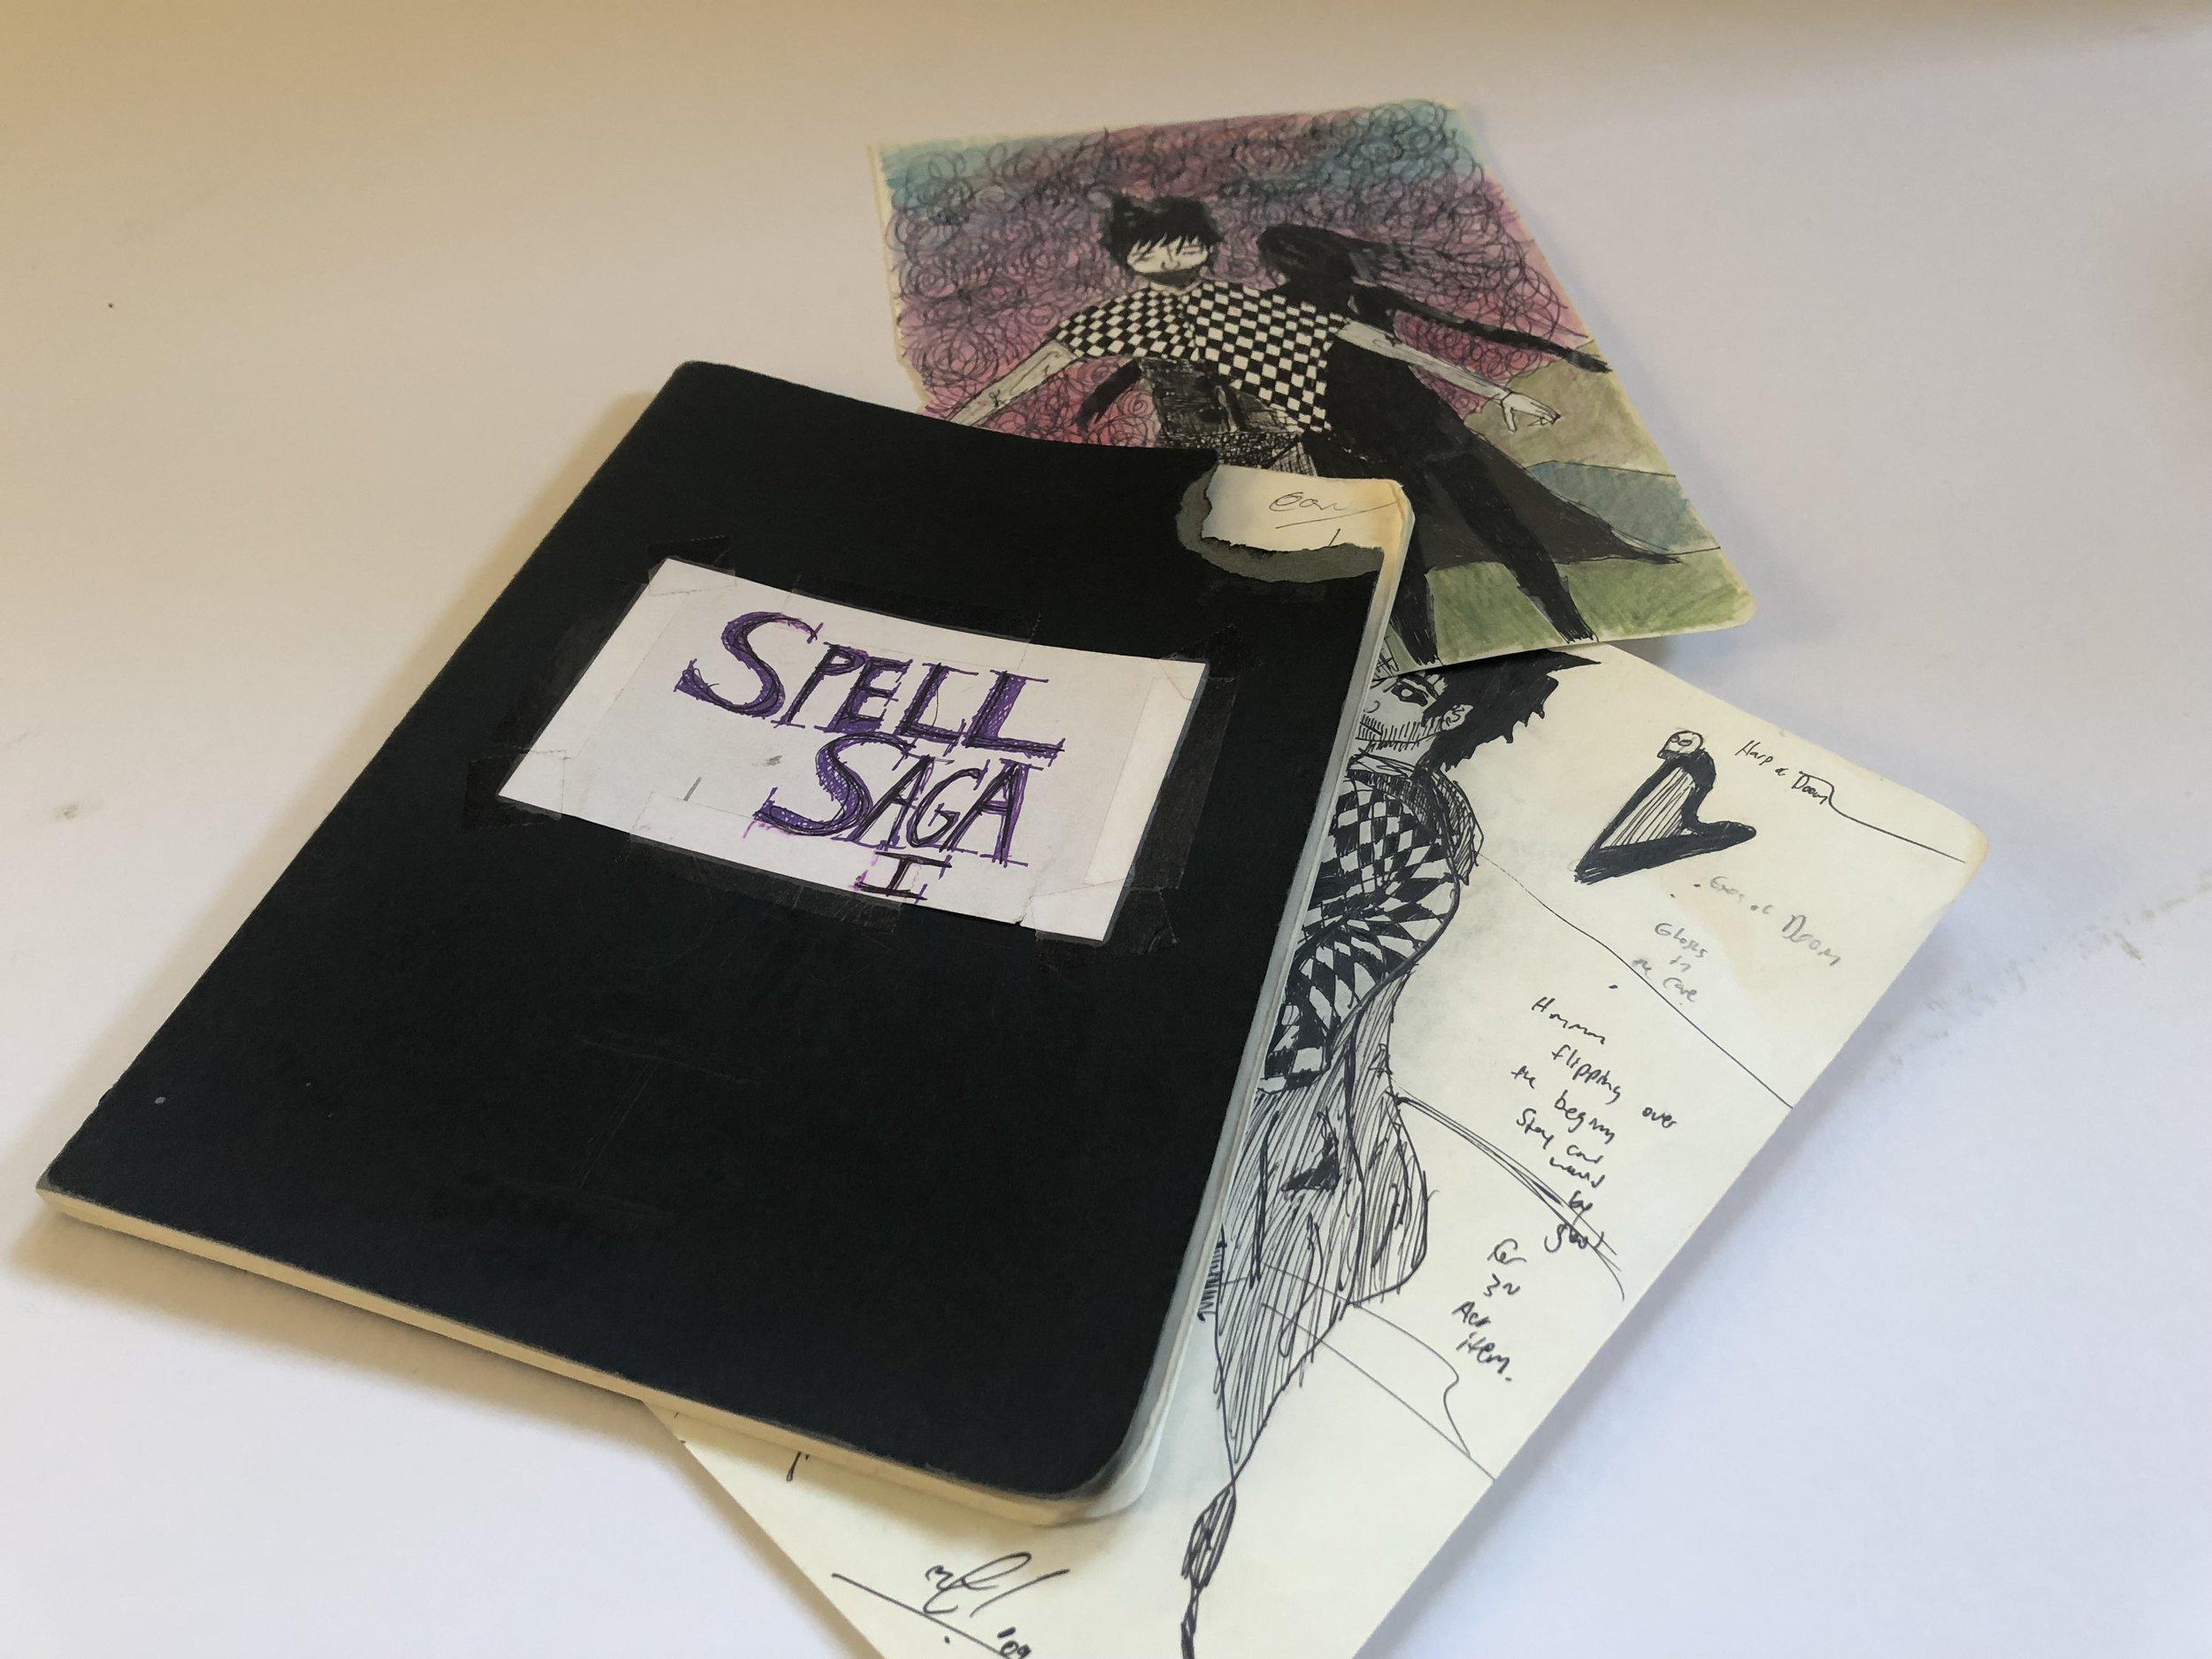 2009 Spell Saga design journal